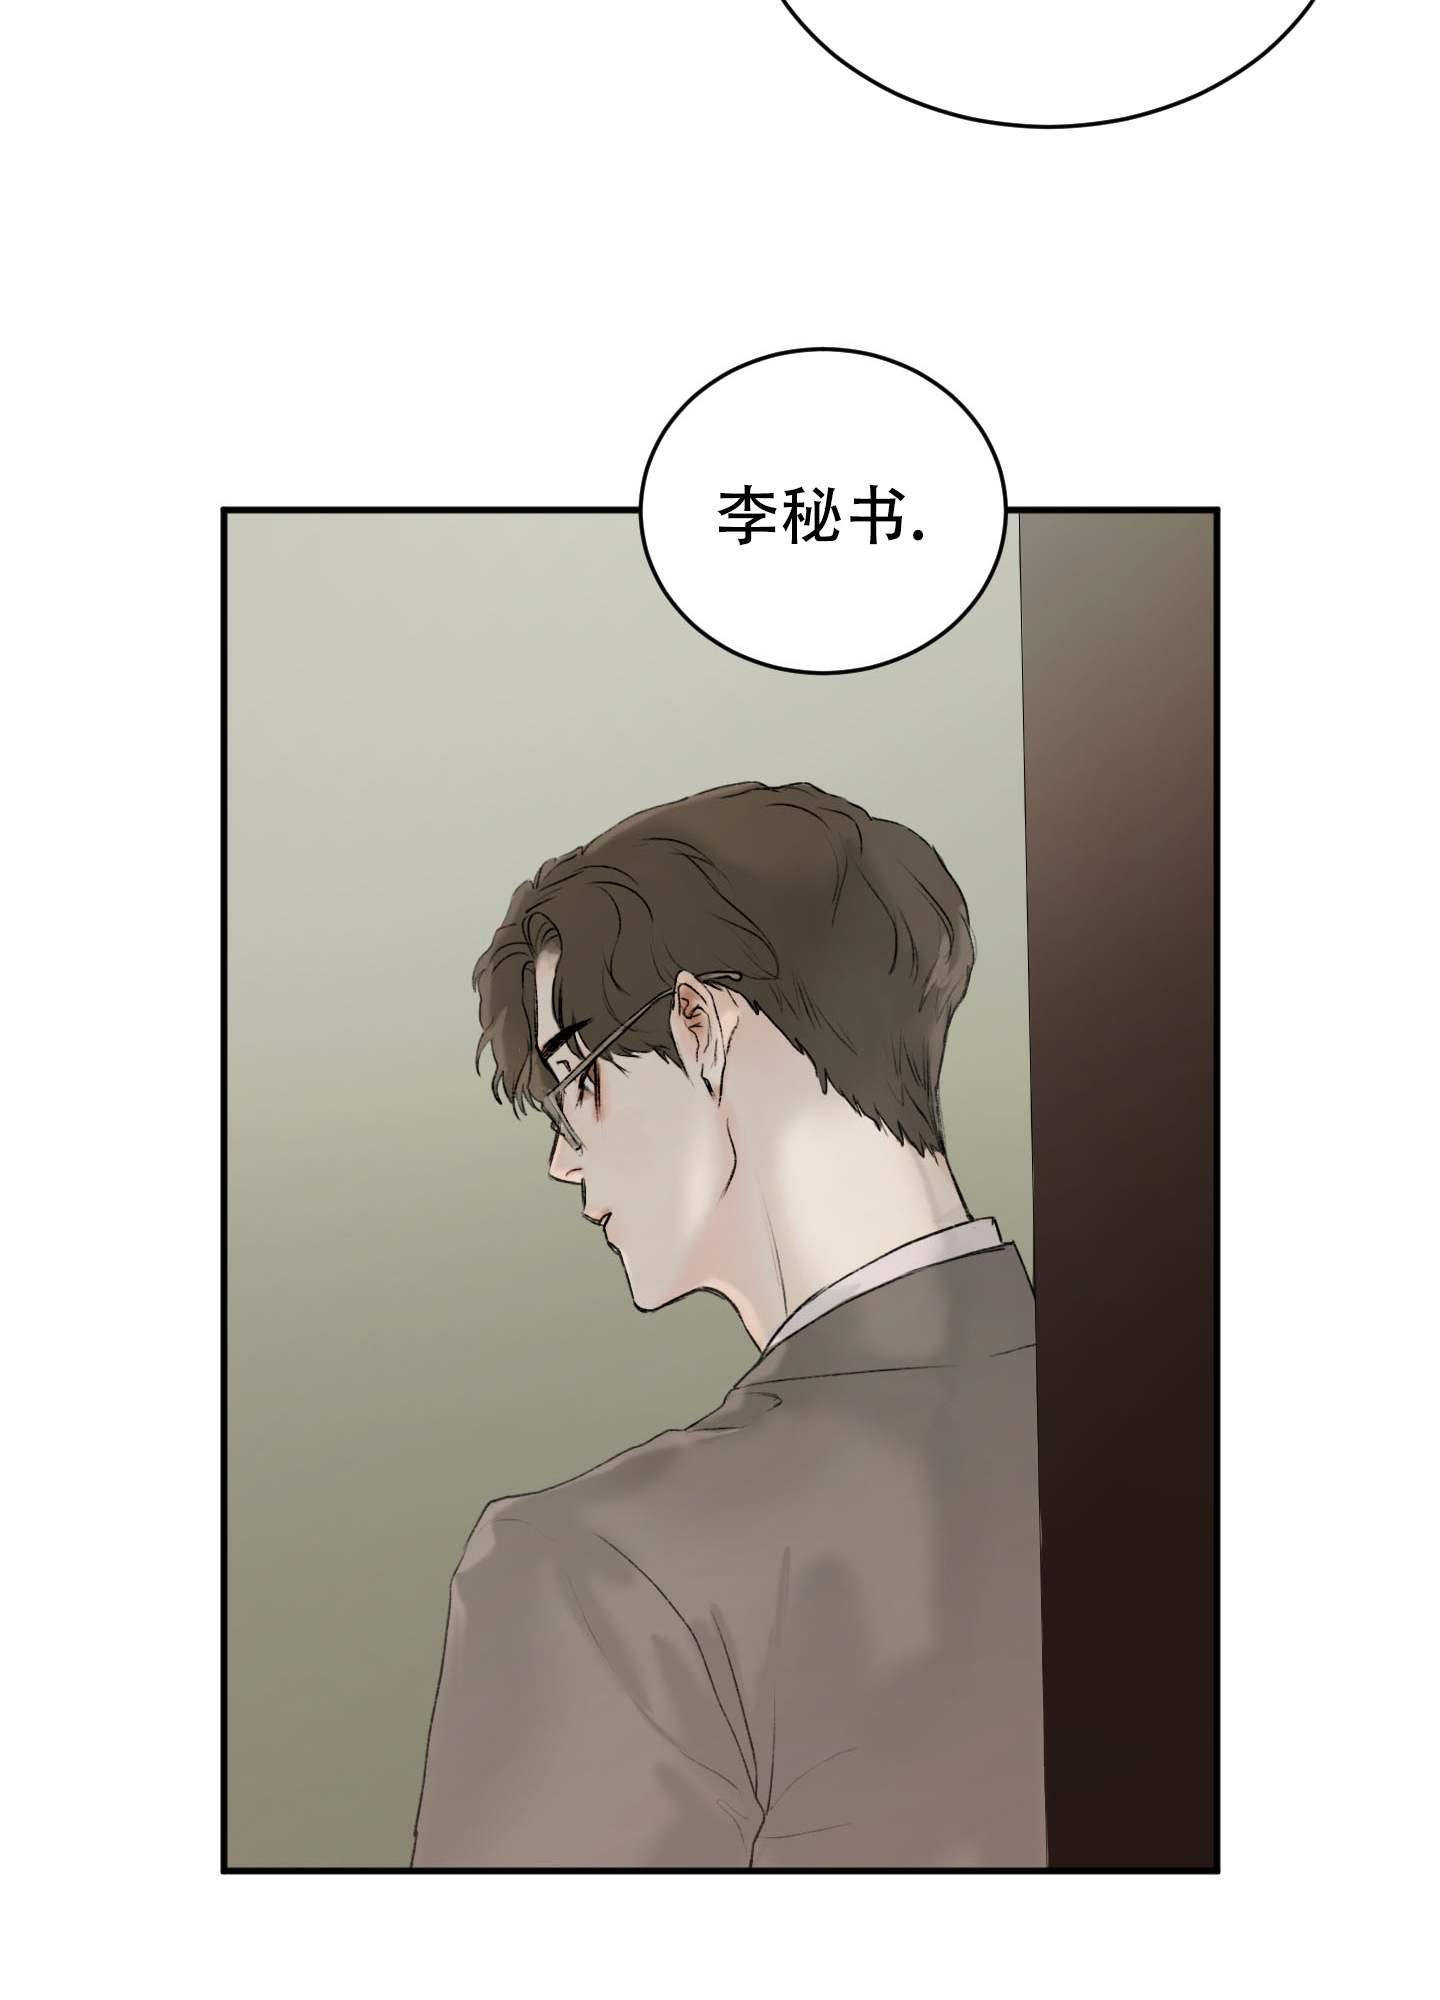 韩漫 |《恶魔的低语》年下痞老板,上来就扑倒!  第47张